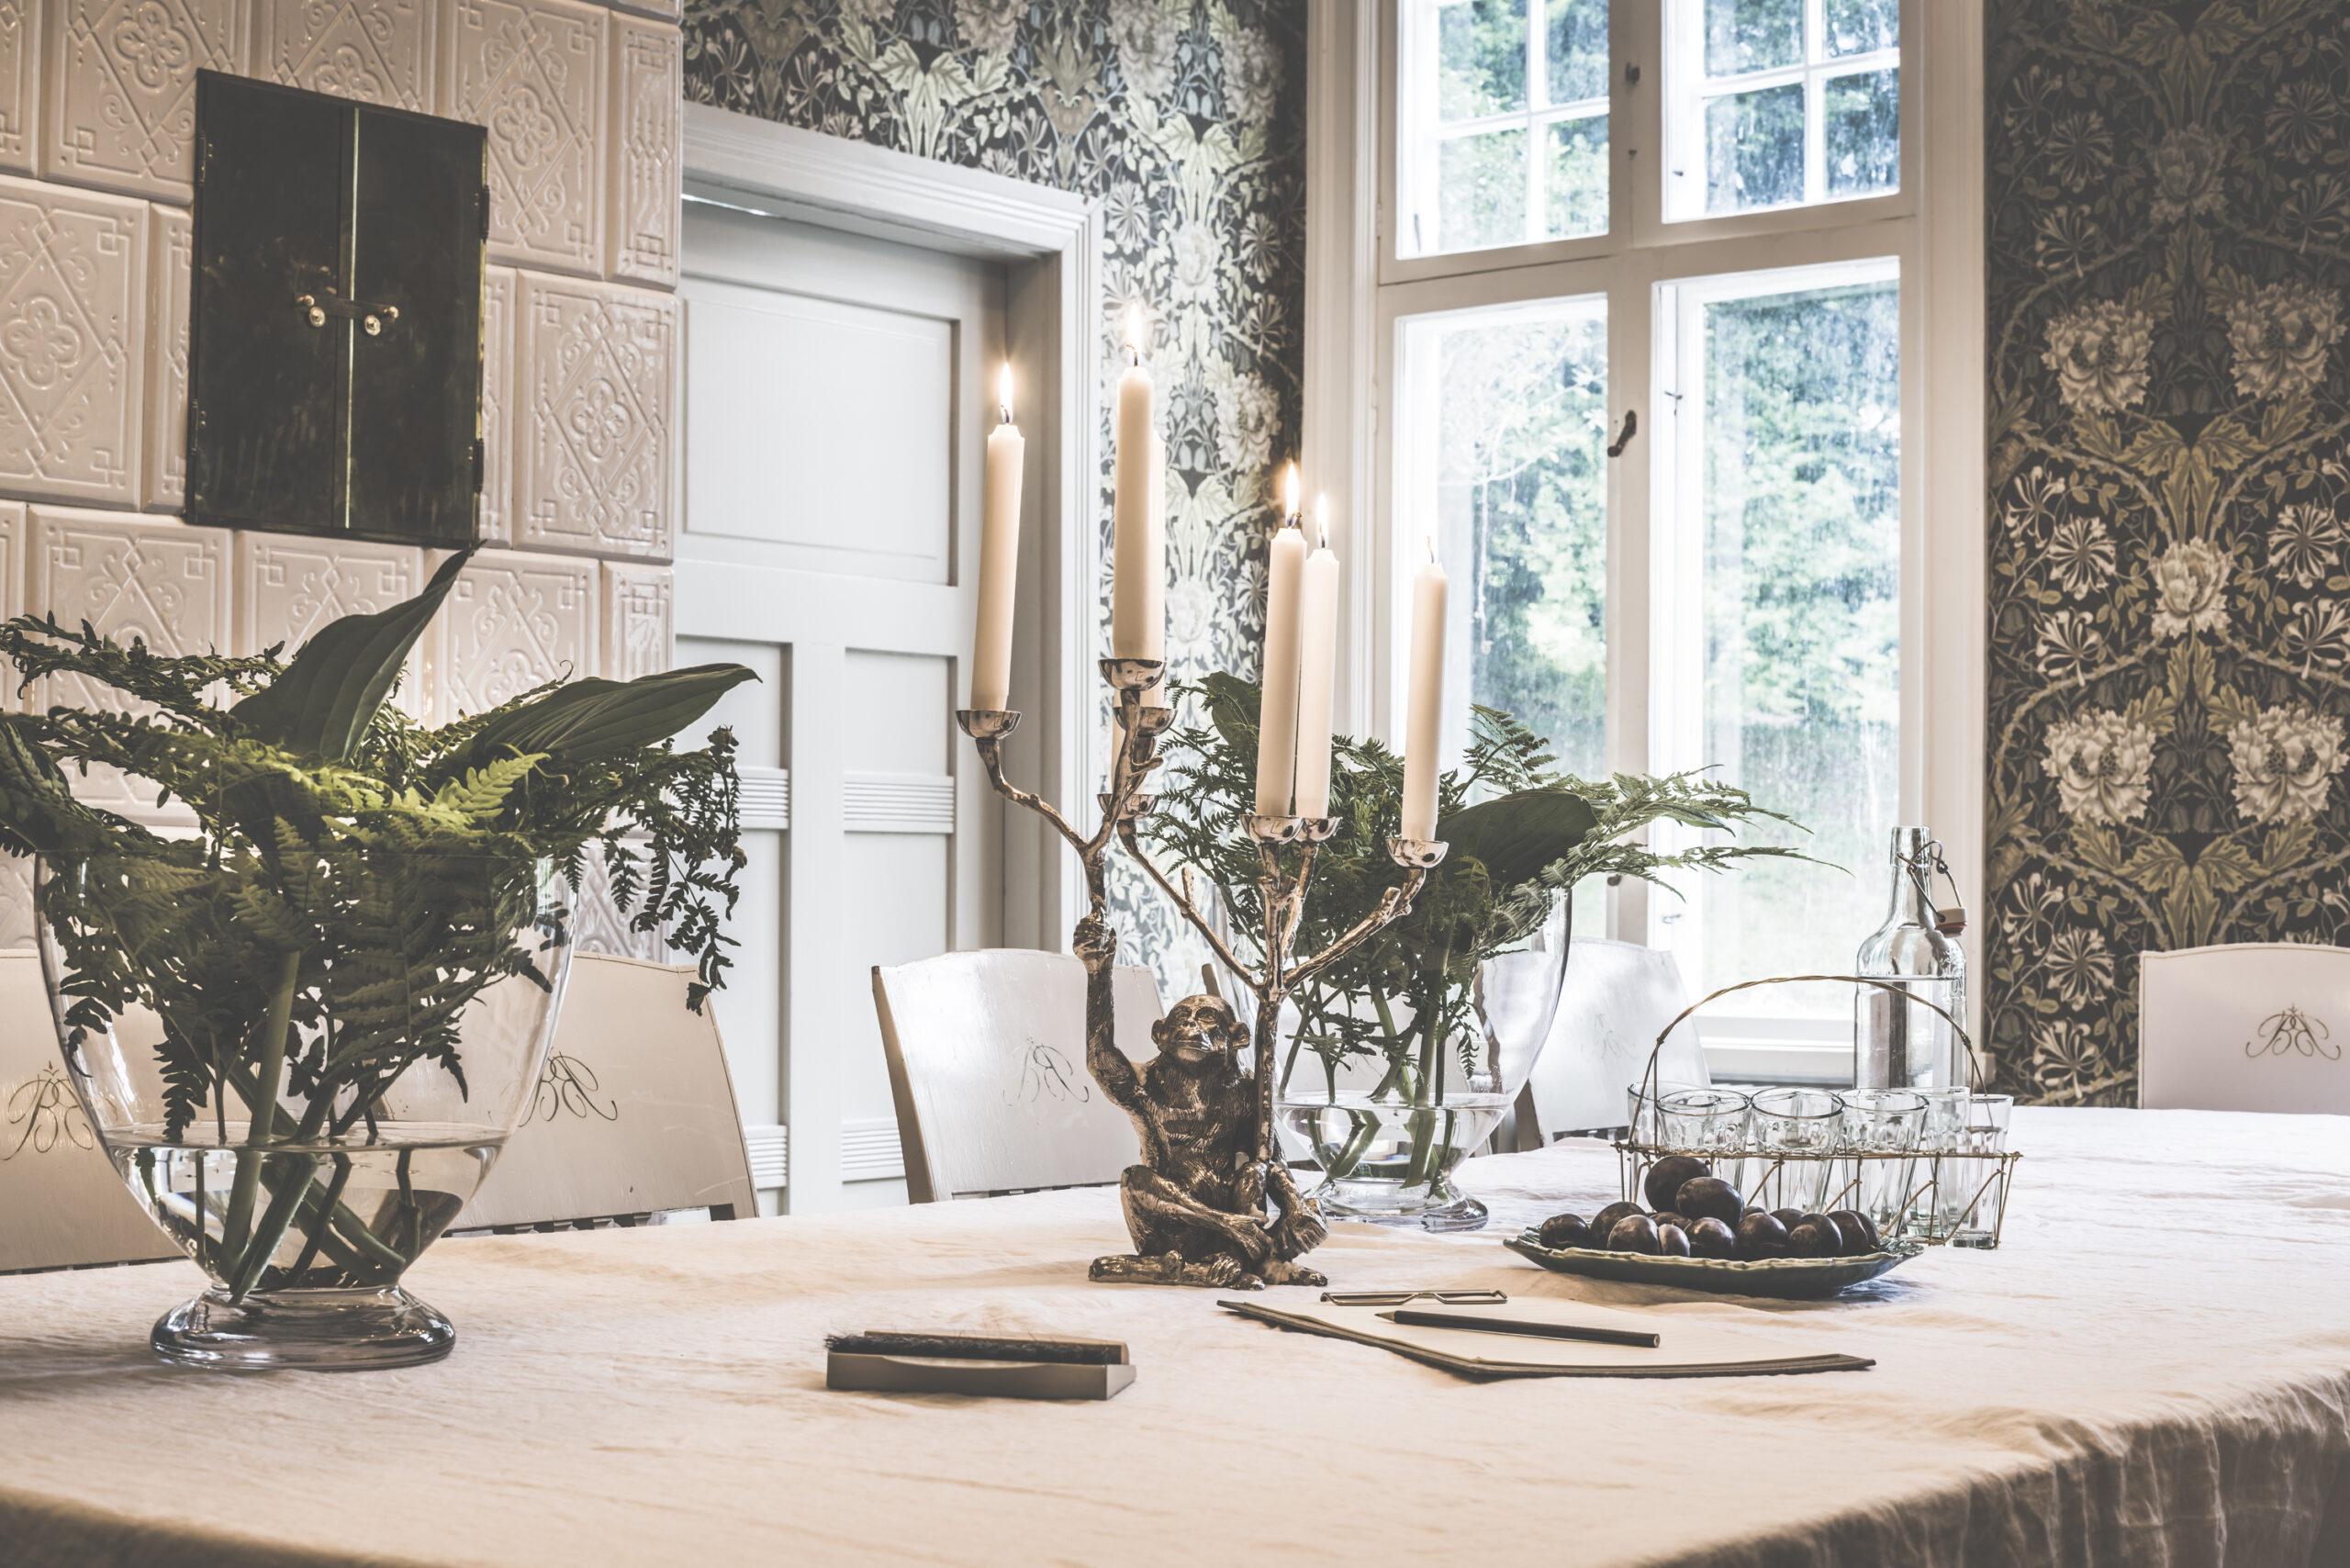 Detaljbild villa Strömsfors middagsbord